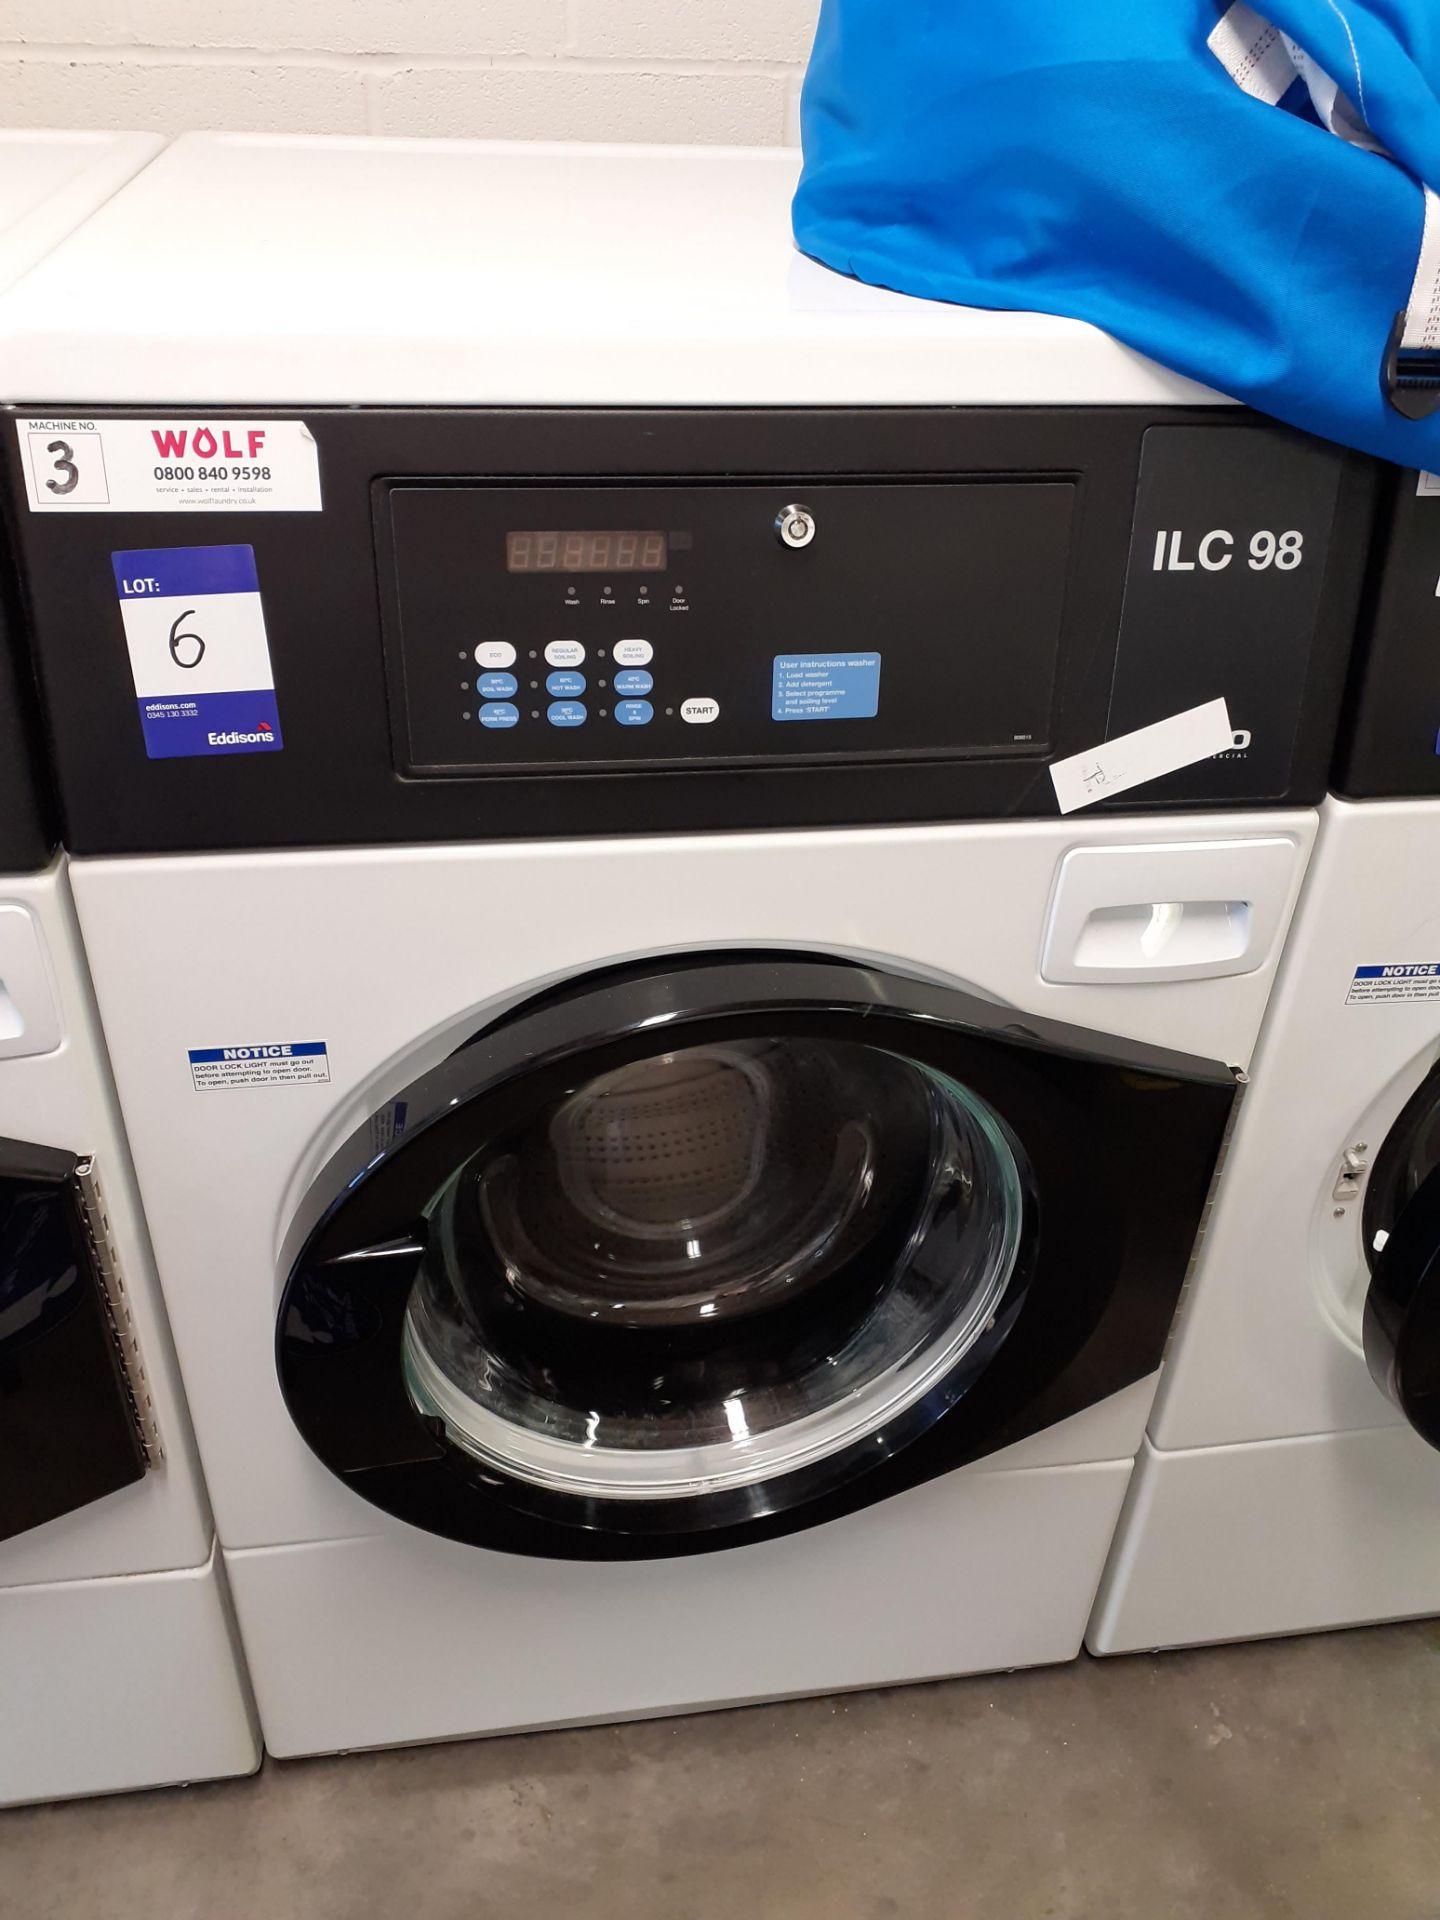 Ipso ILC 98 JLA JFSJ Gas P413EW06 Commercial Washi